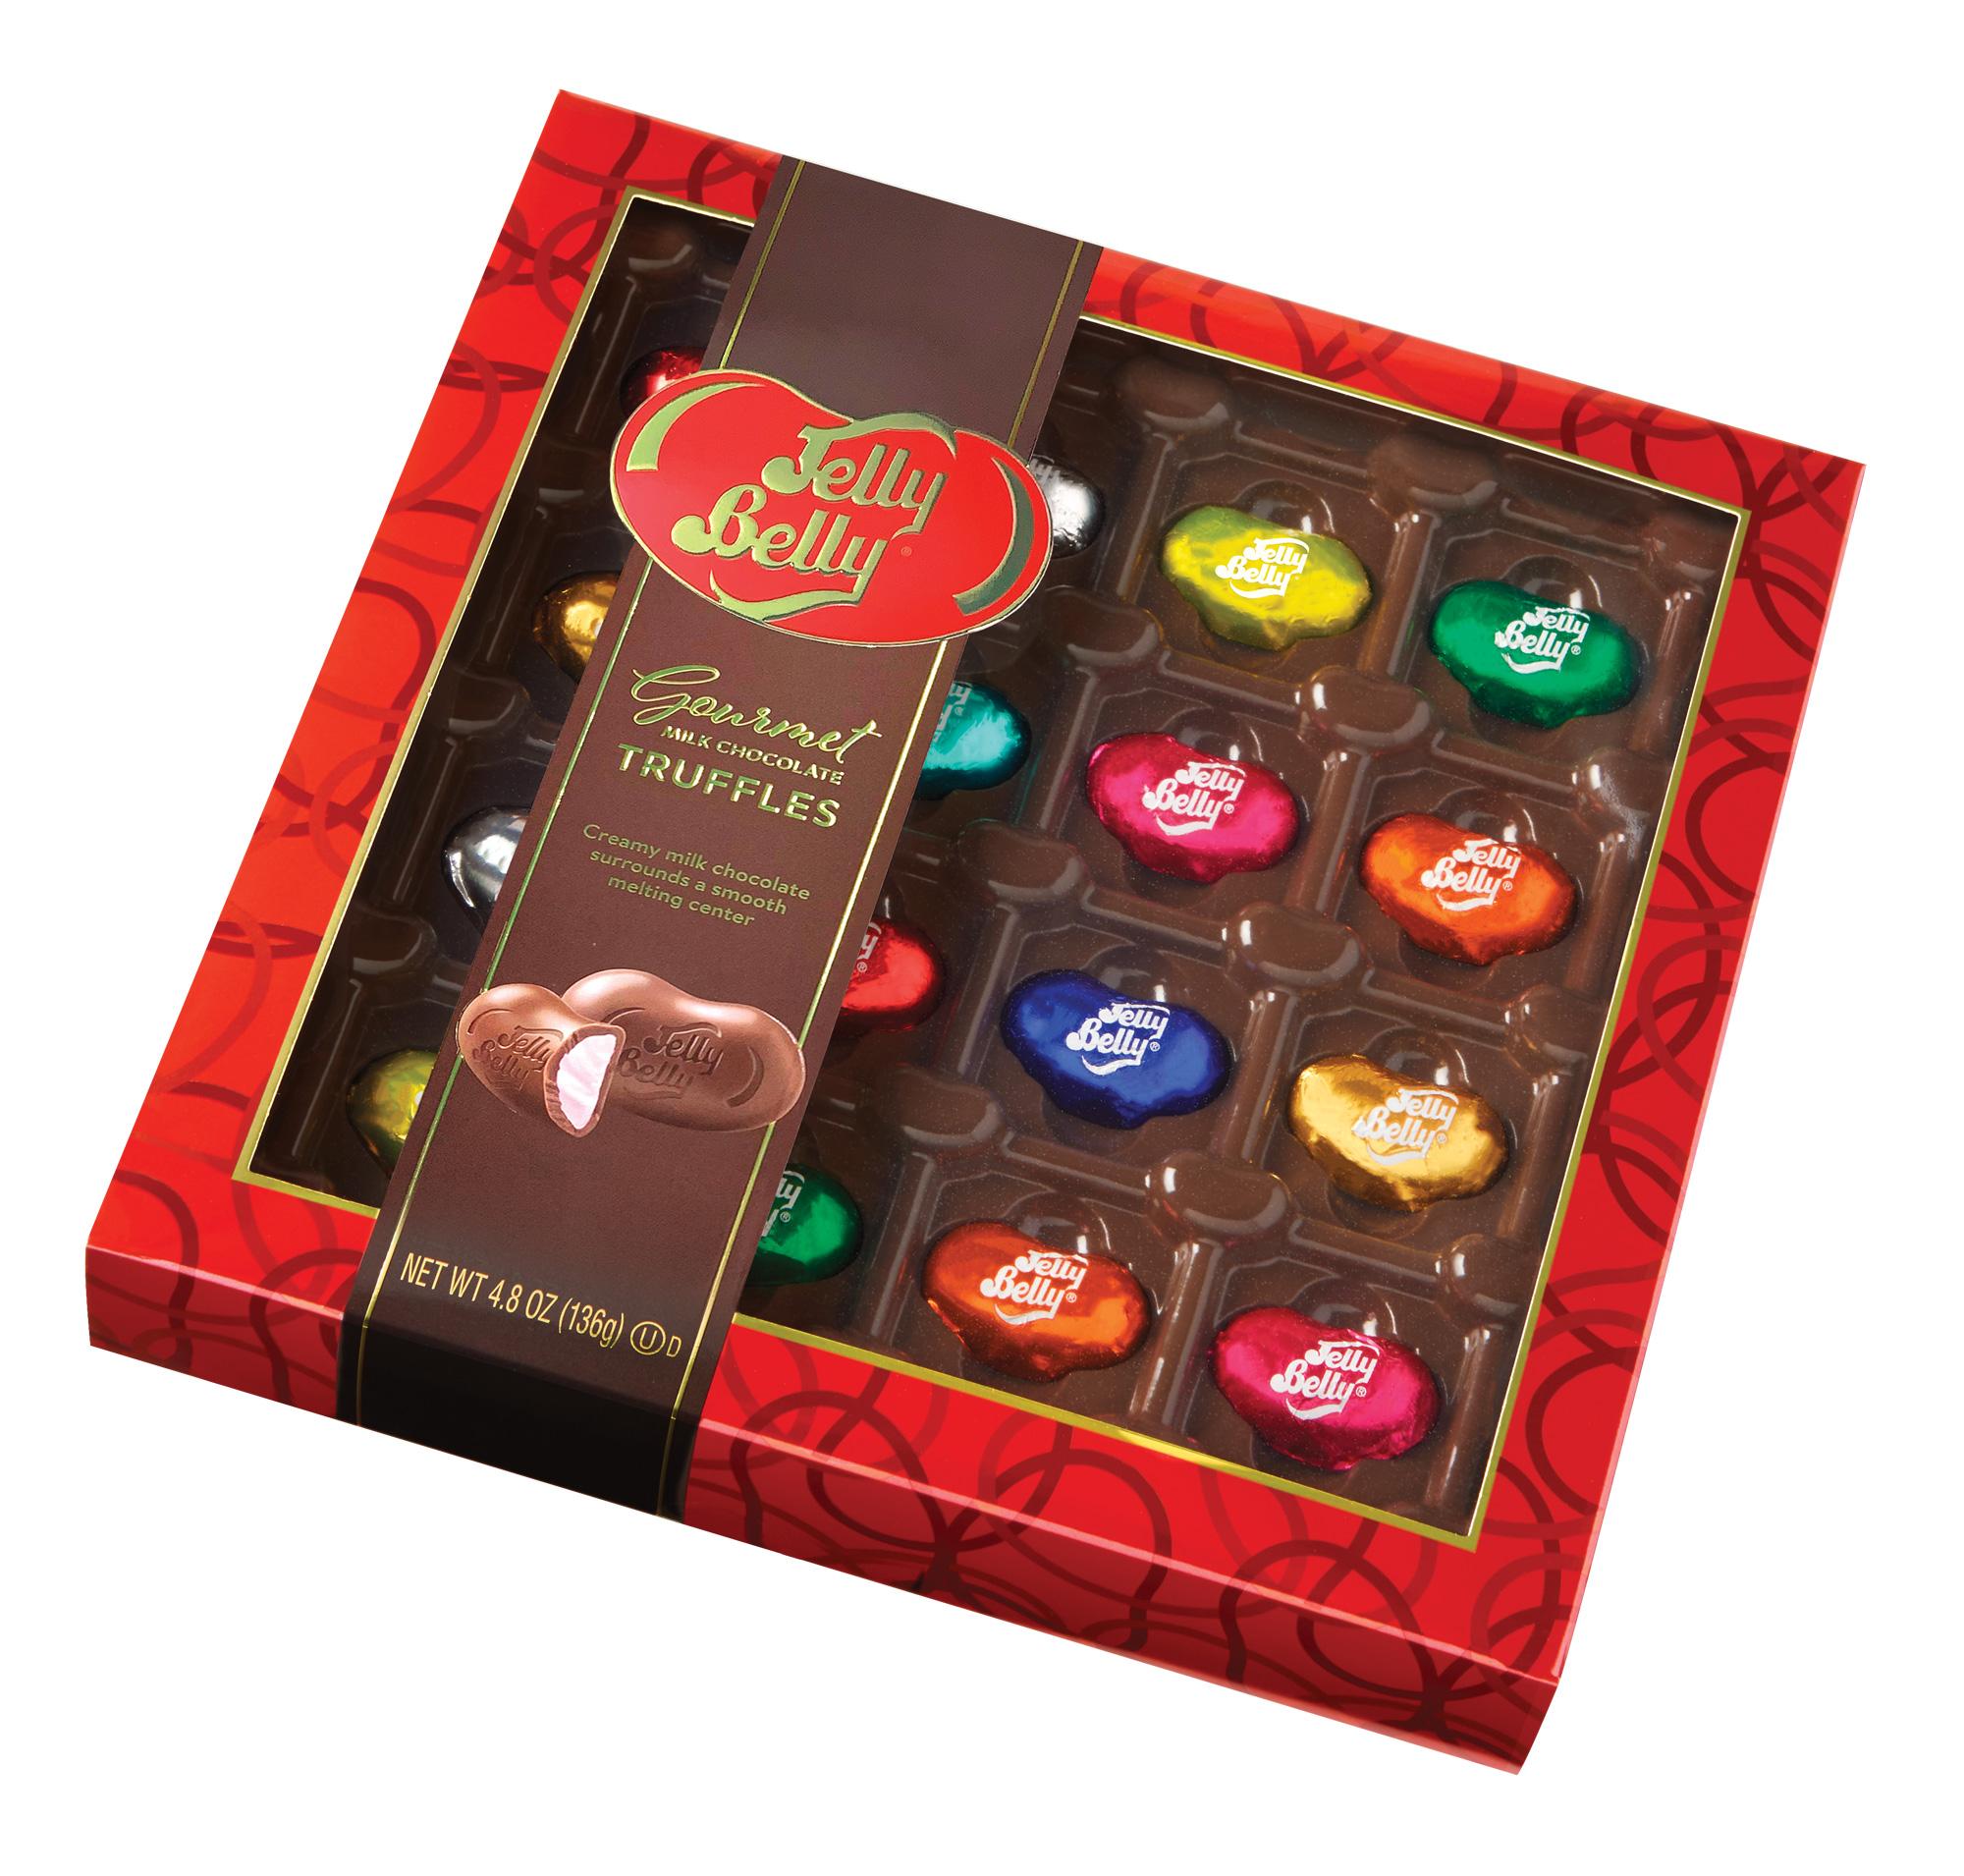 Gourmet Milk Chocolate Truffles Gift Box